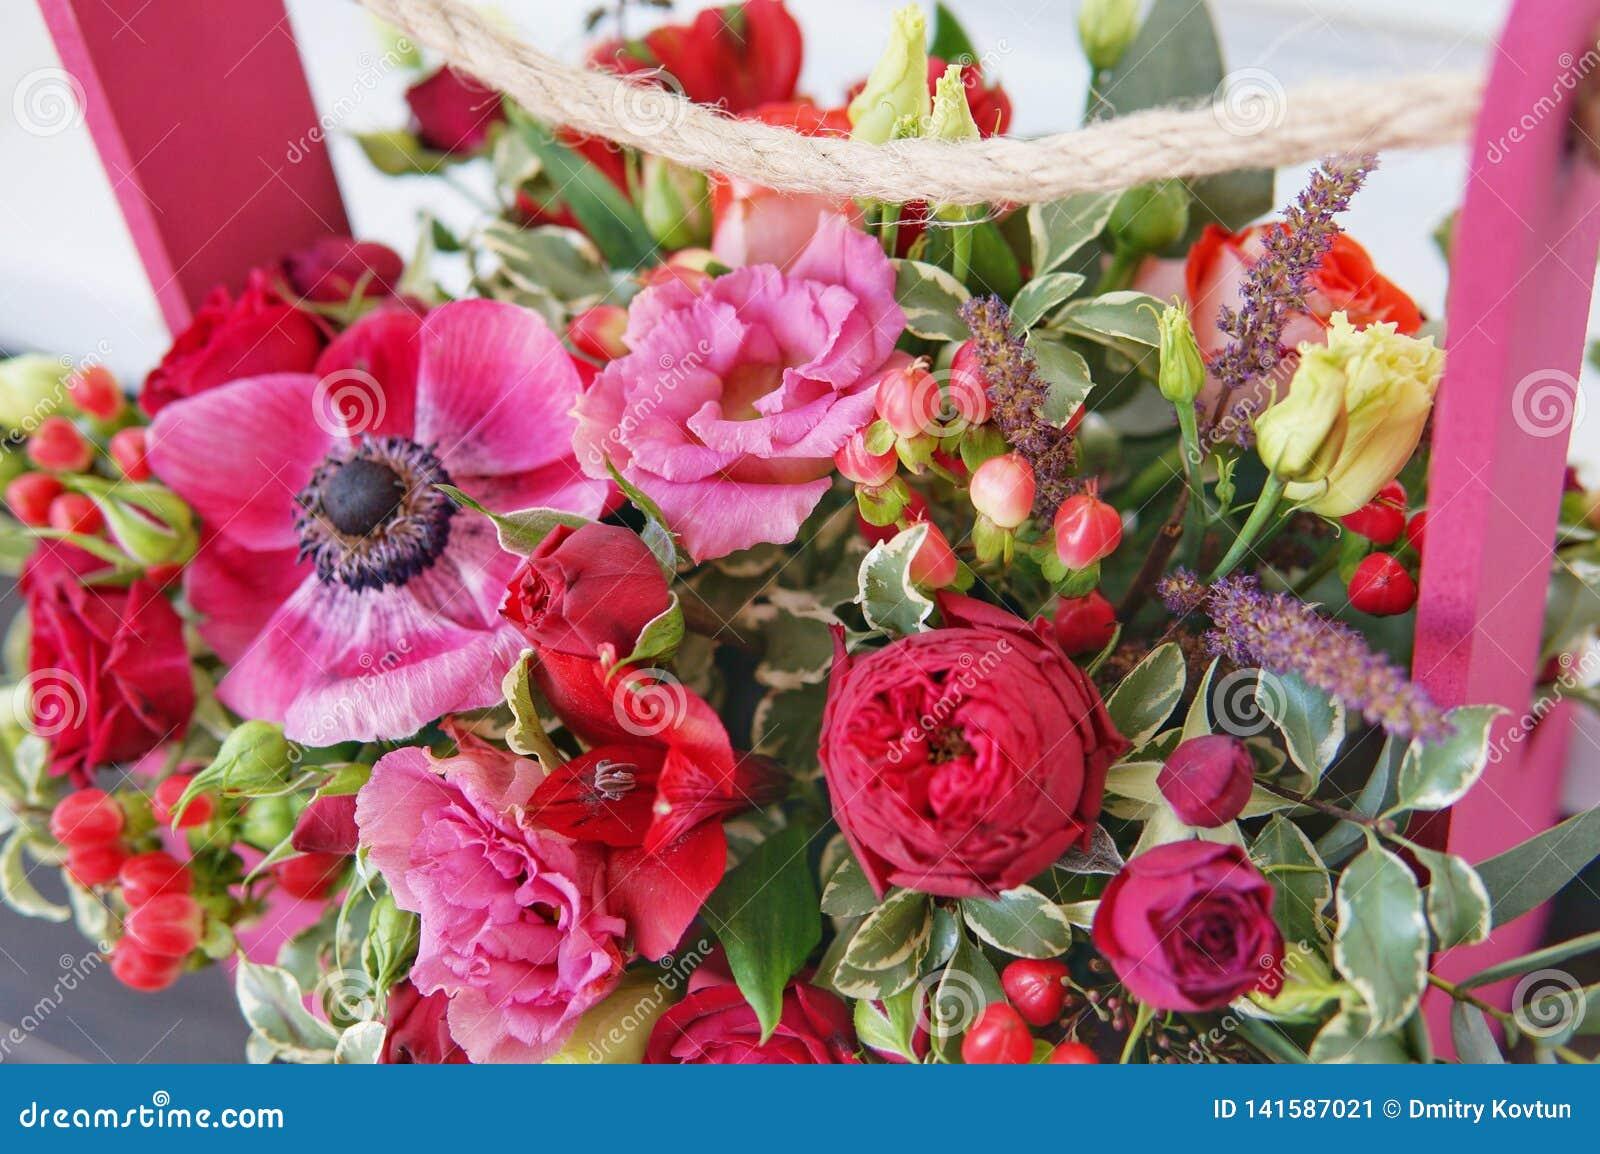 Arranjo floral bonito de flores vermelhas, do rosa e da Borgonha em uma caixa de madeira cor-de-rosa